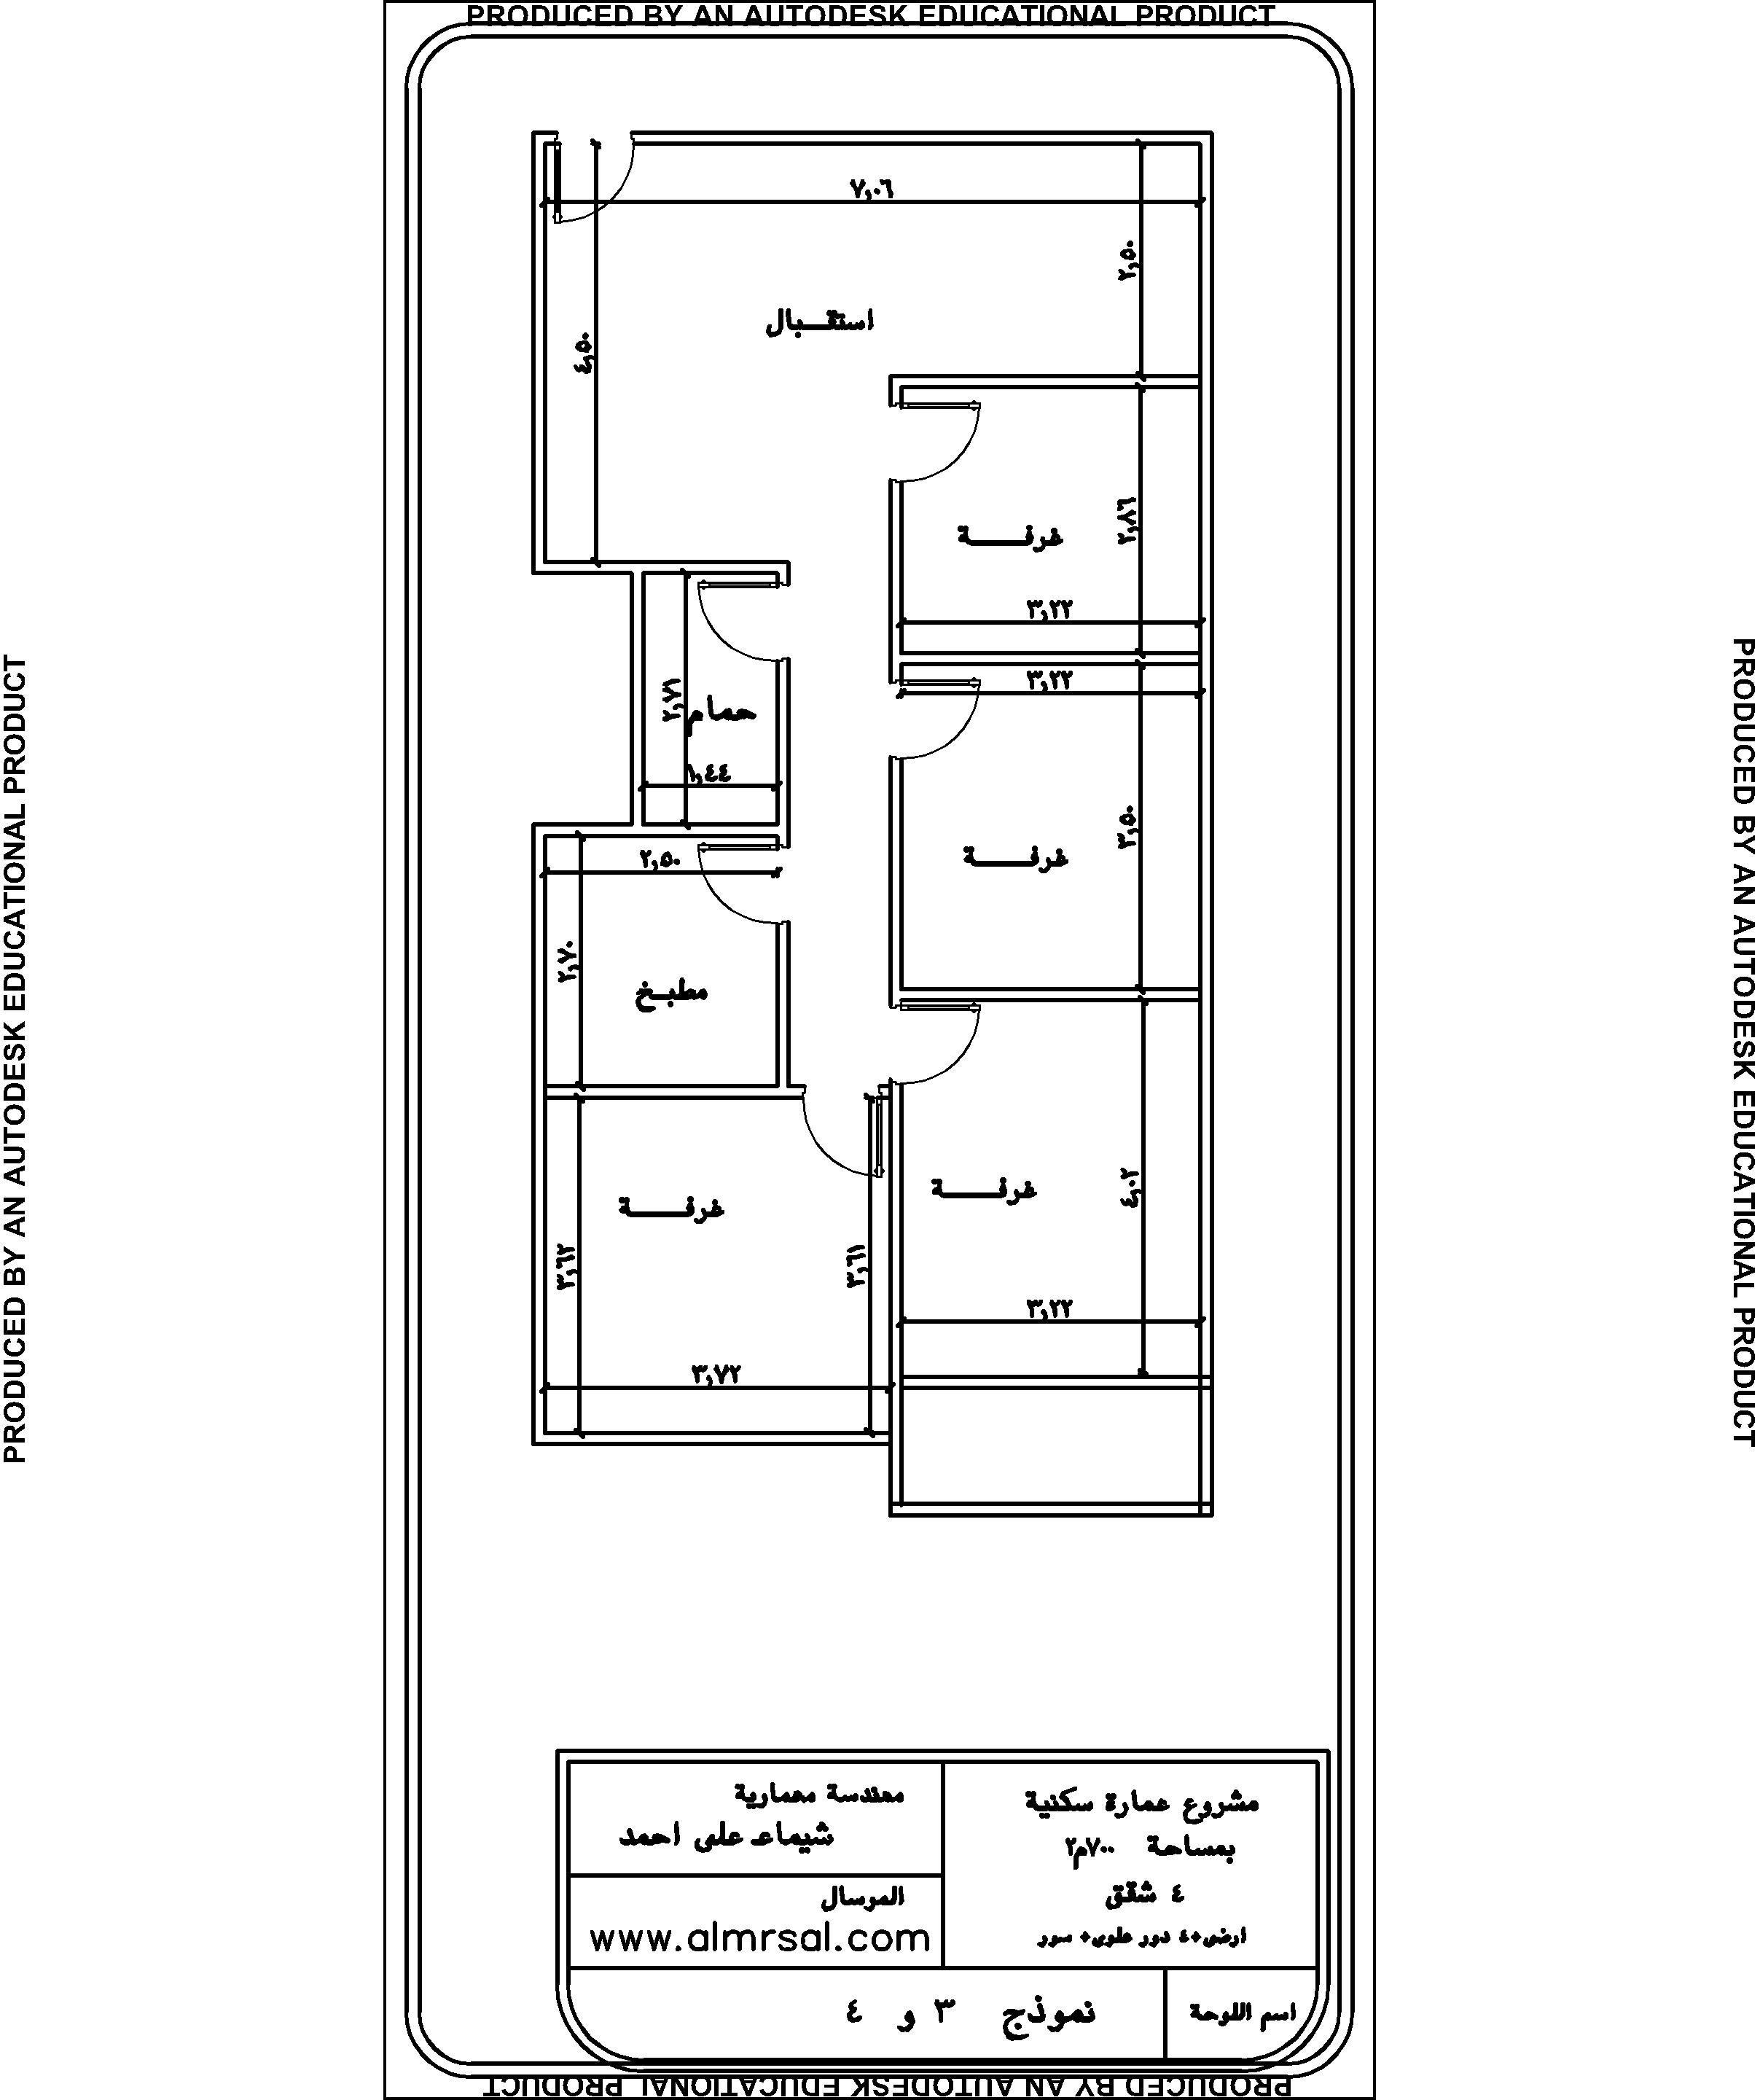 نموذج 1 و 2 لعمارة سكنية 700م2 4 شقق